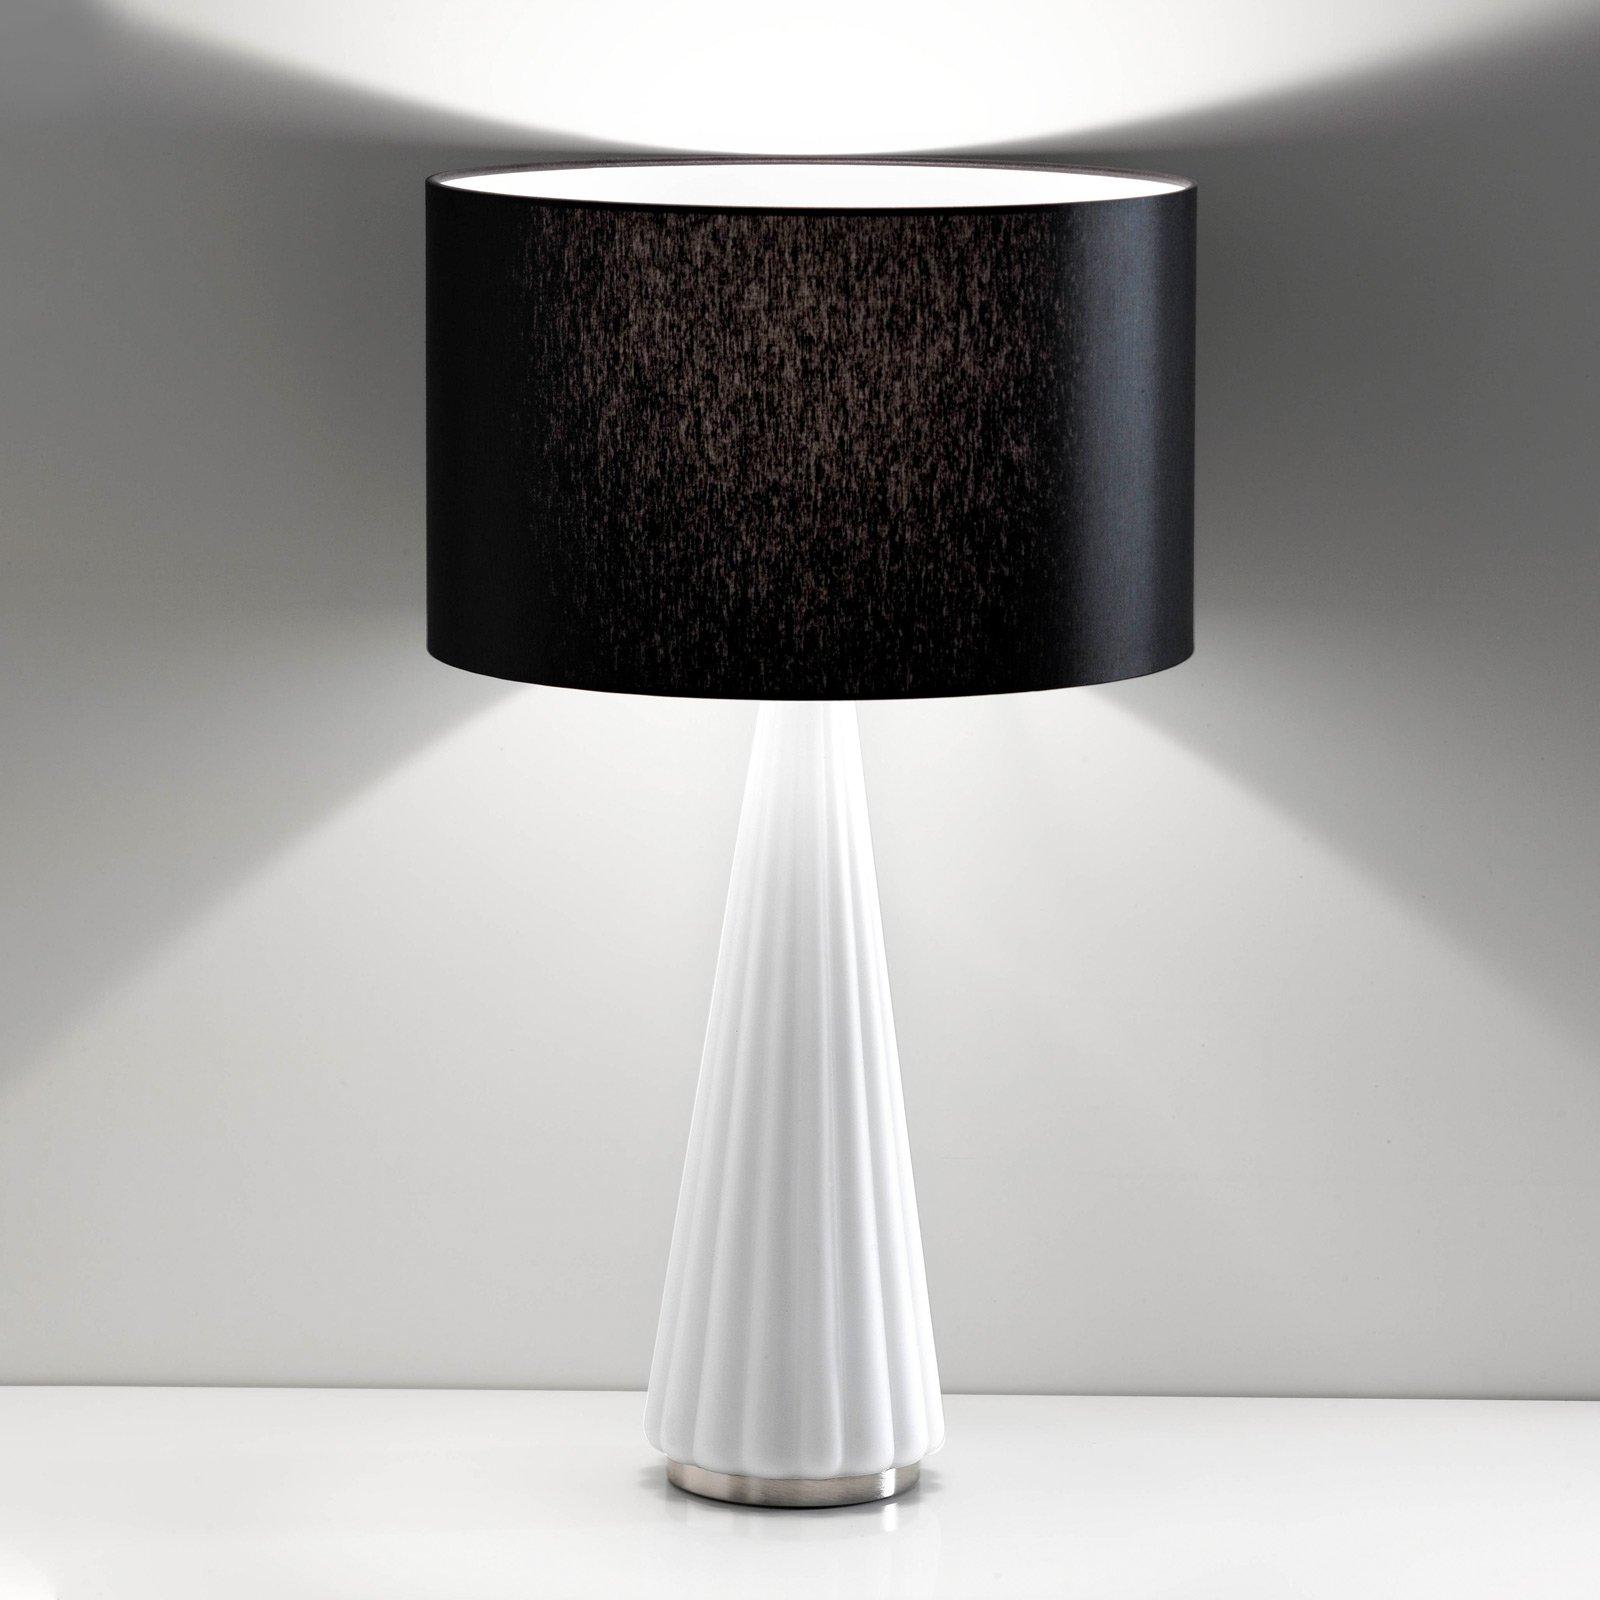 Bordlampe Costa Rica, skjerm svart, fot hvit